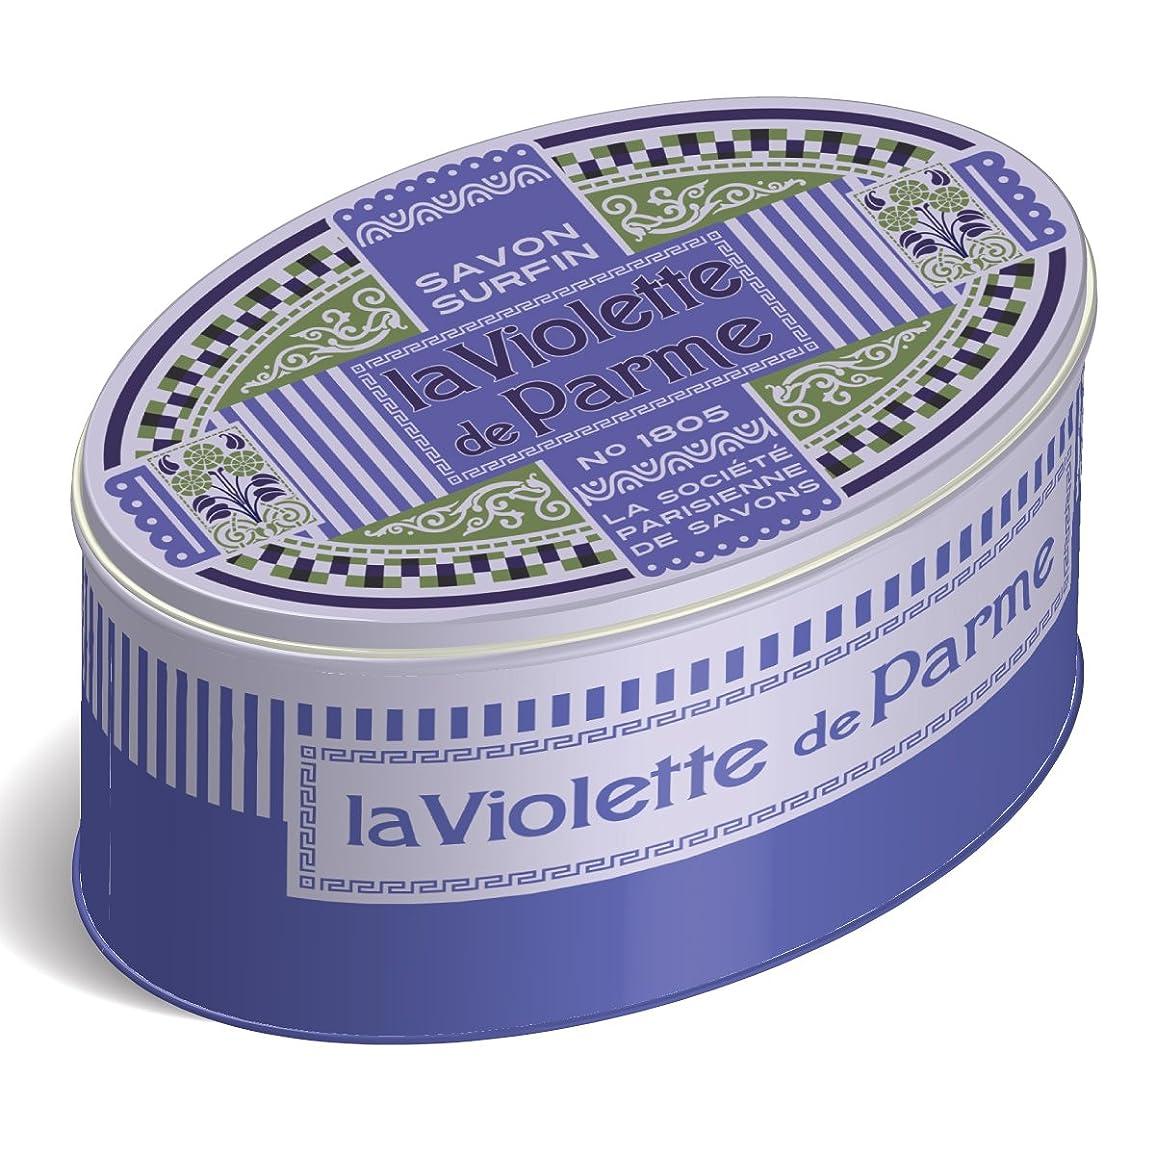 良心おびえた粗いLA SOCIETE PARISIENNE DE SAVONS フレグランスソープ(缶入) 250g 「ラヴィオットデパルム」 3440576130614